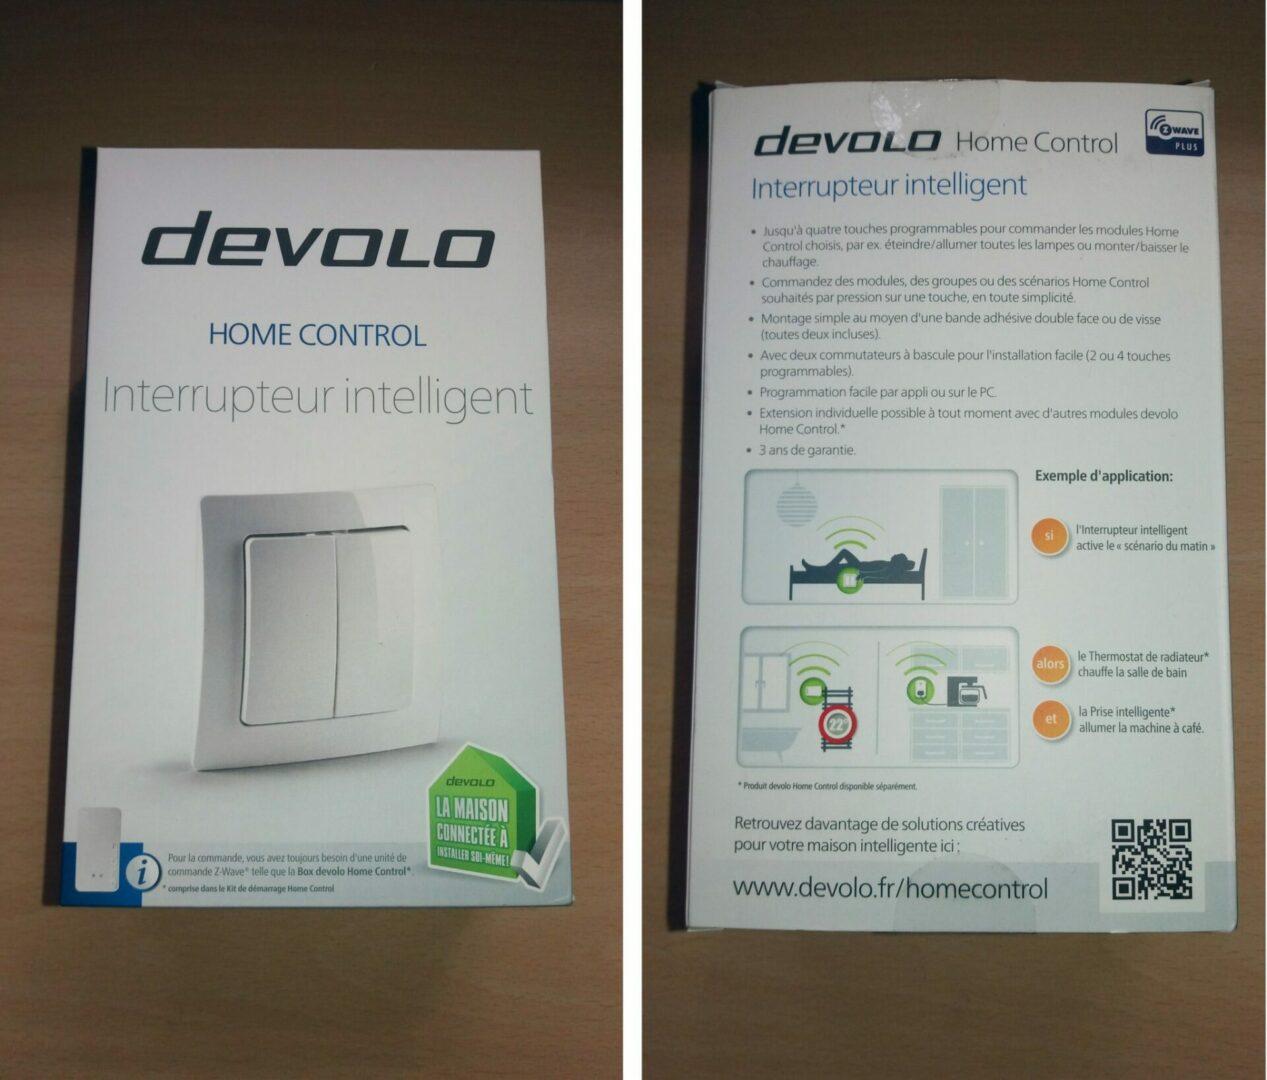 2-2 Présentation et test de l'interrupteur intelligent Home Control Devolo